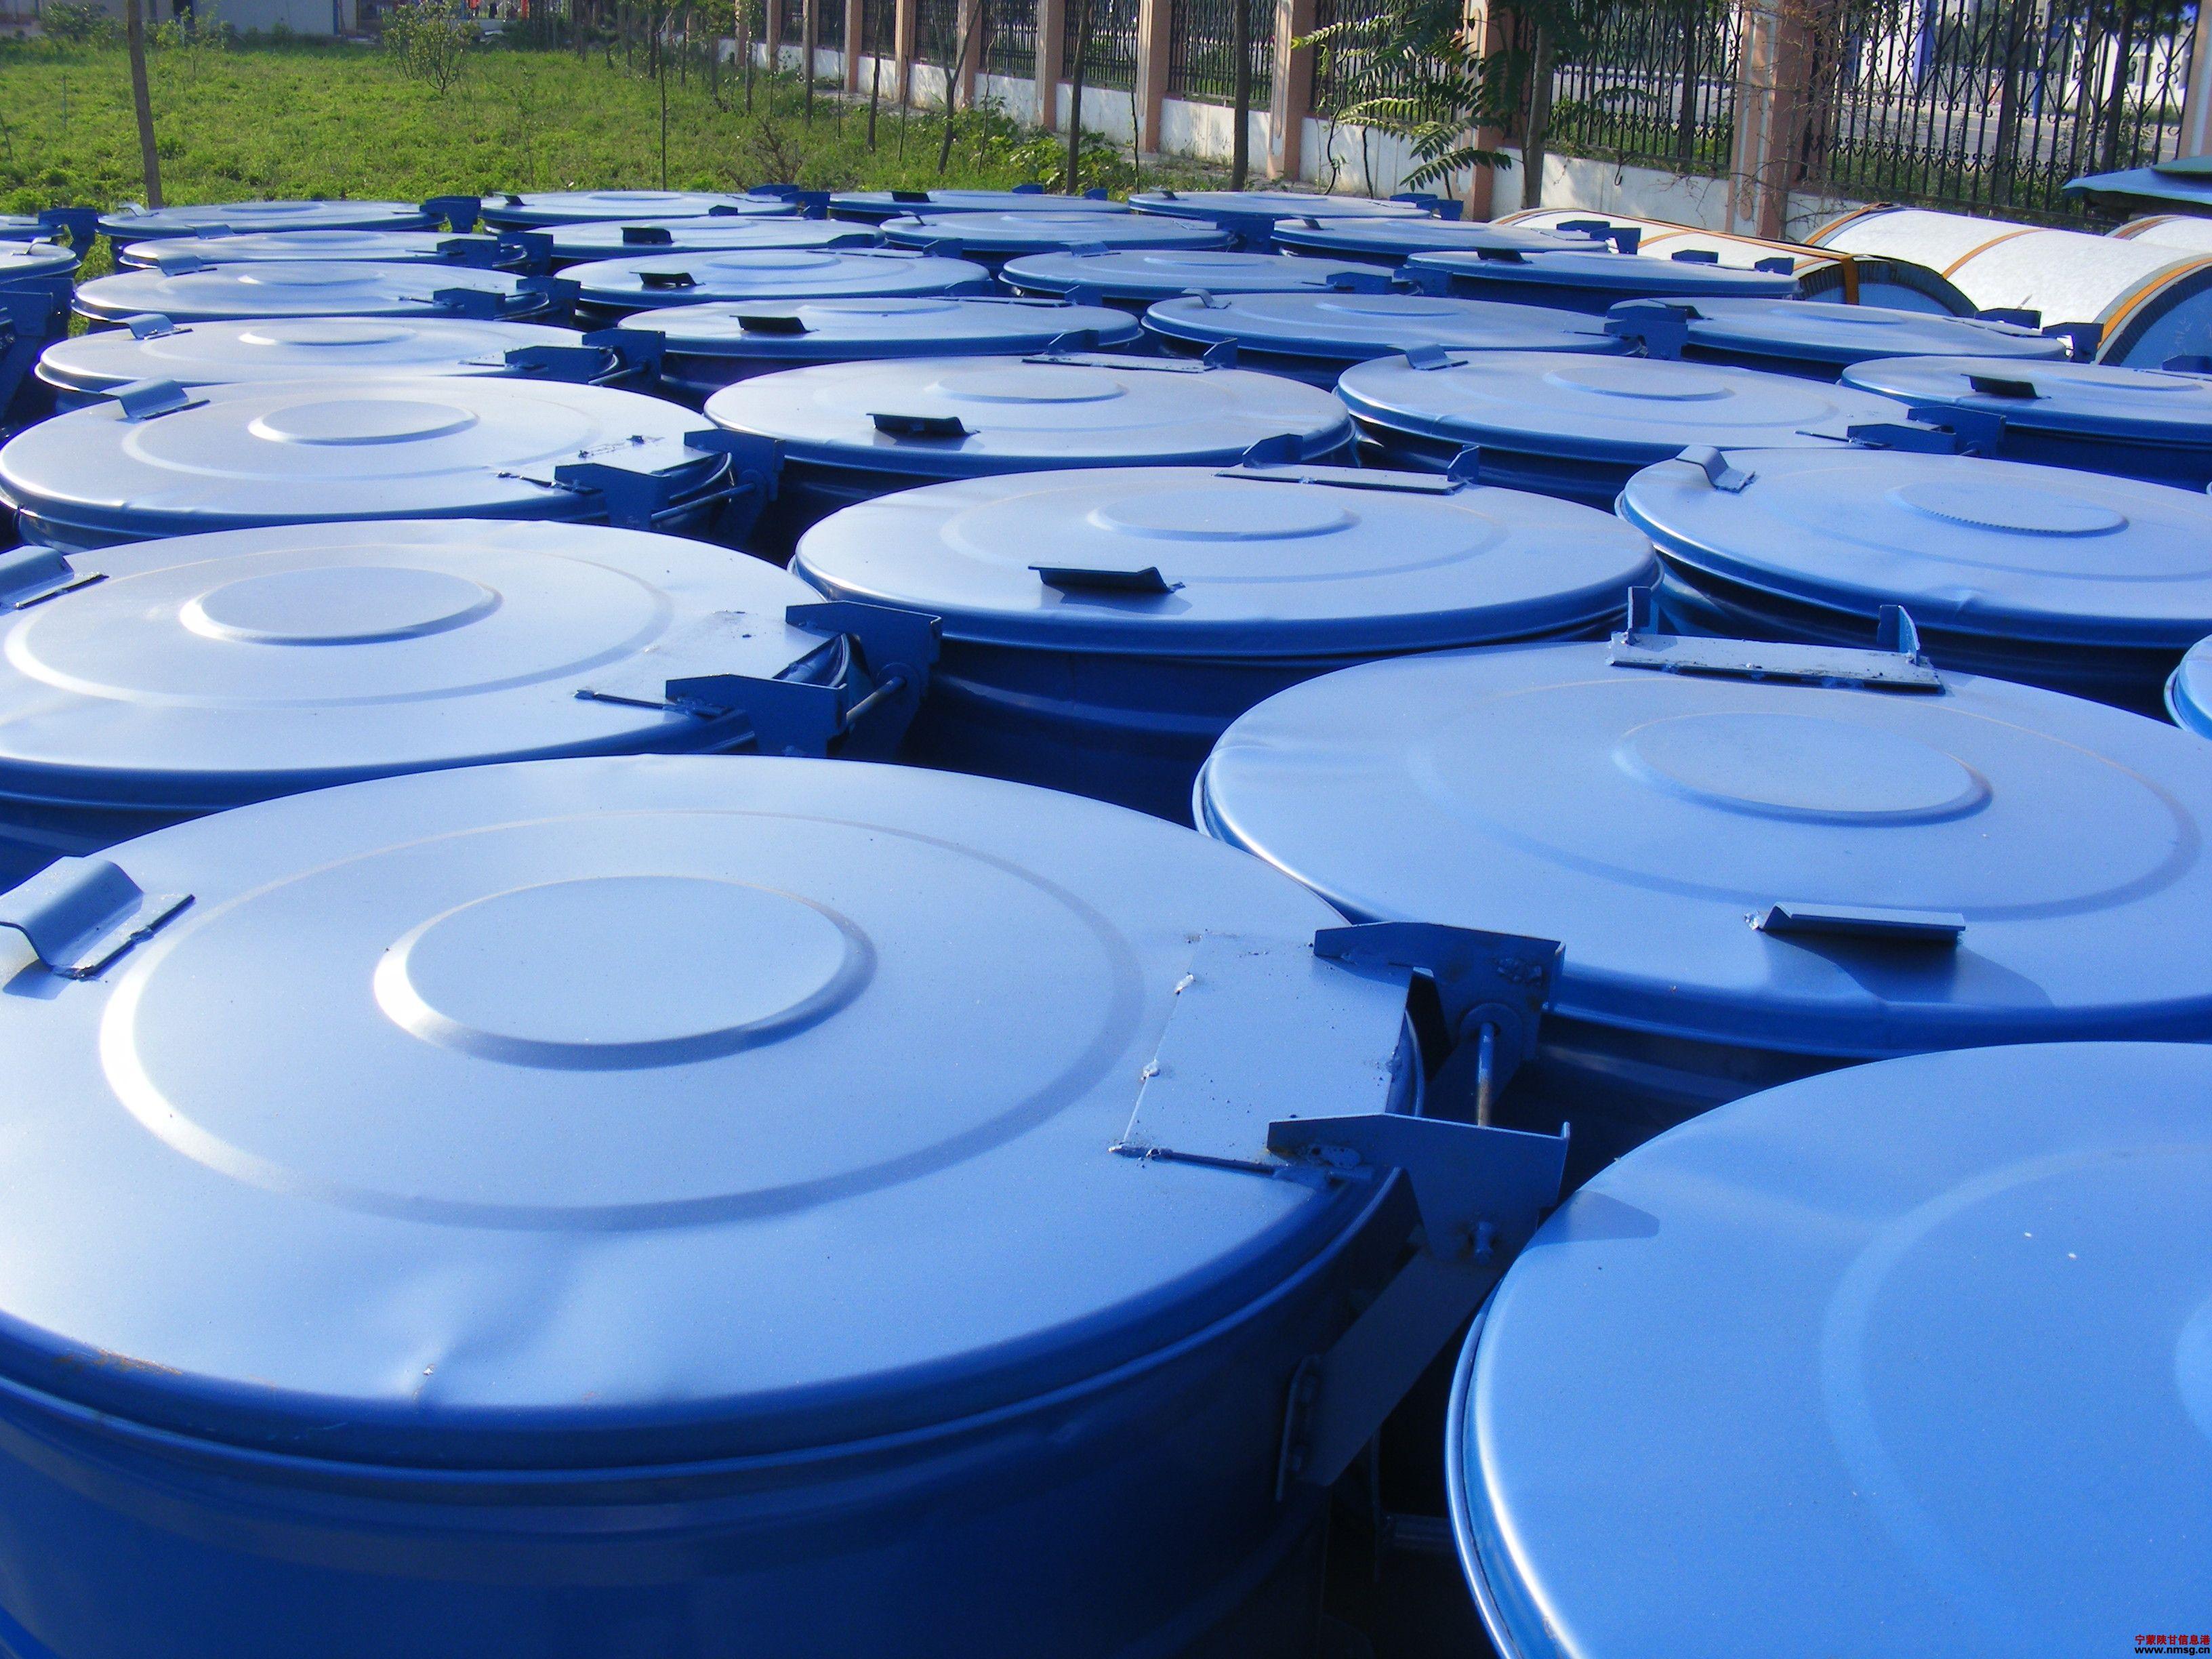 大钢桶白汤图片